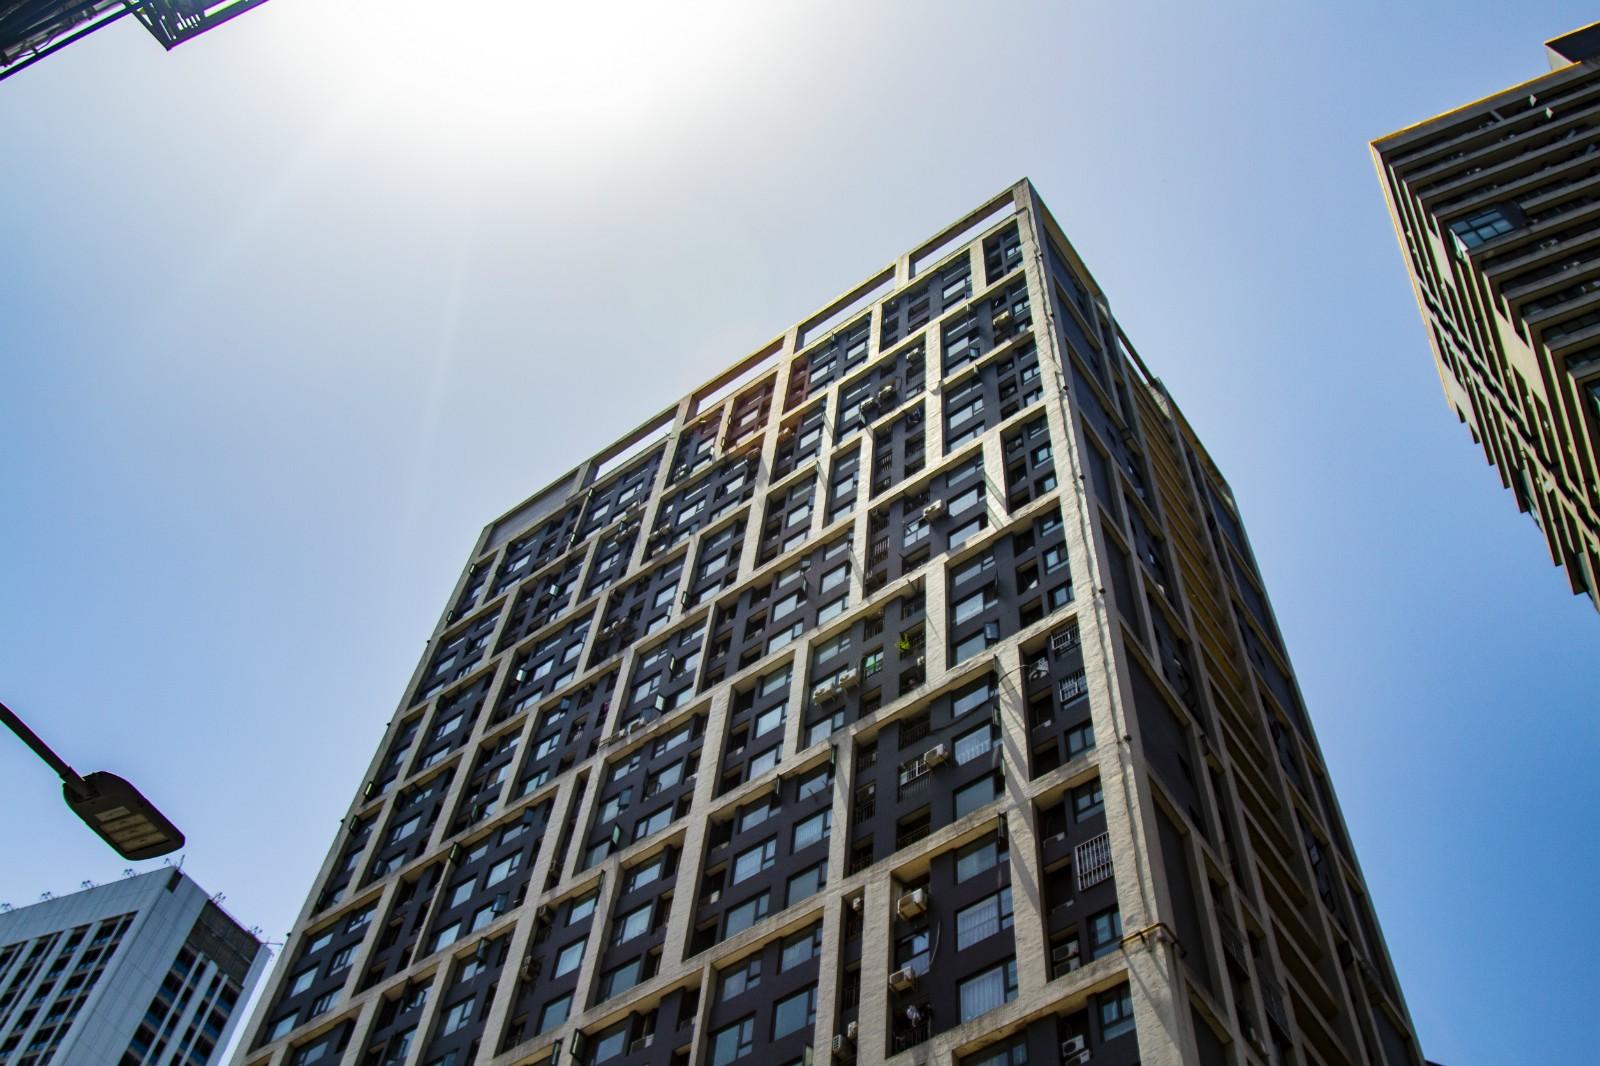 天津市代理记账公司提醒关心免费借款的财务风险